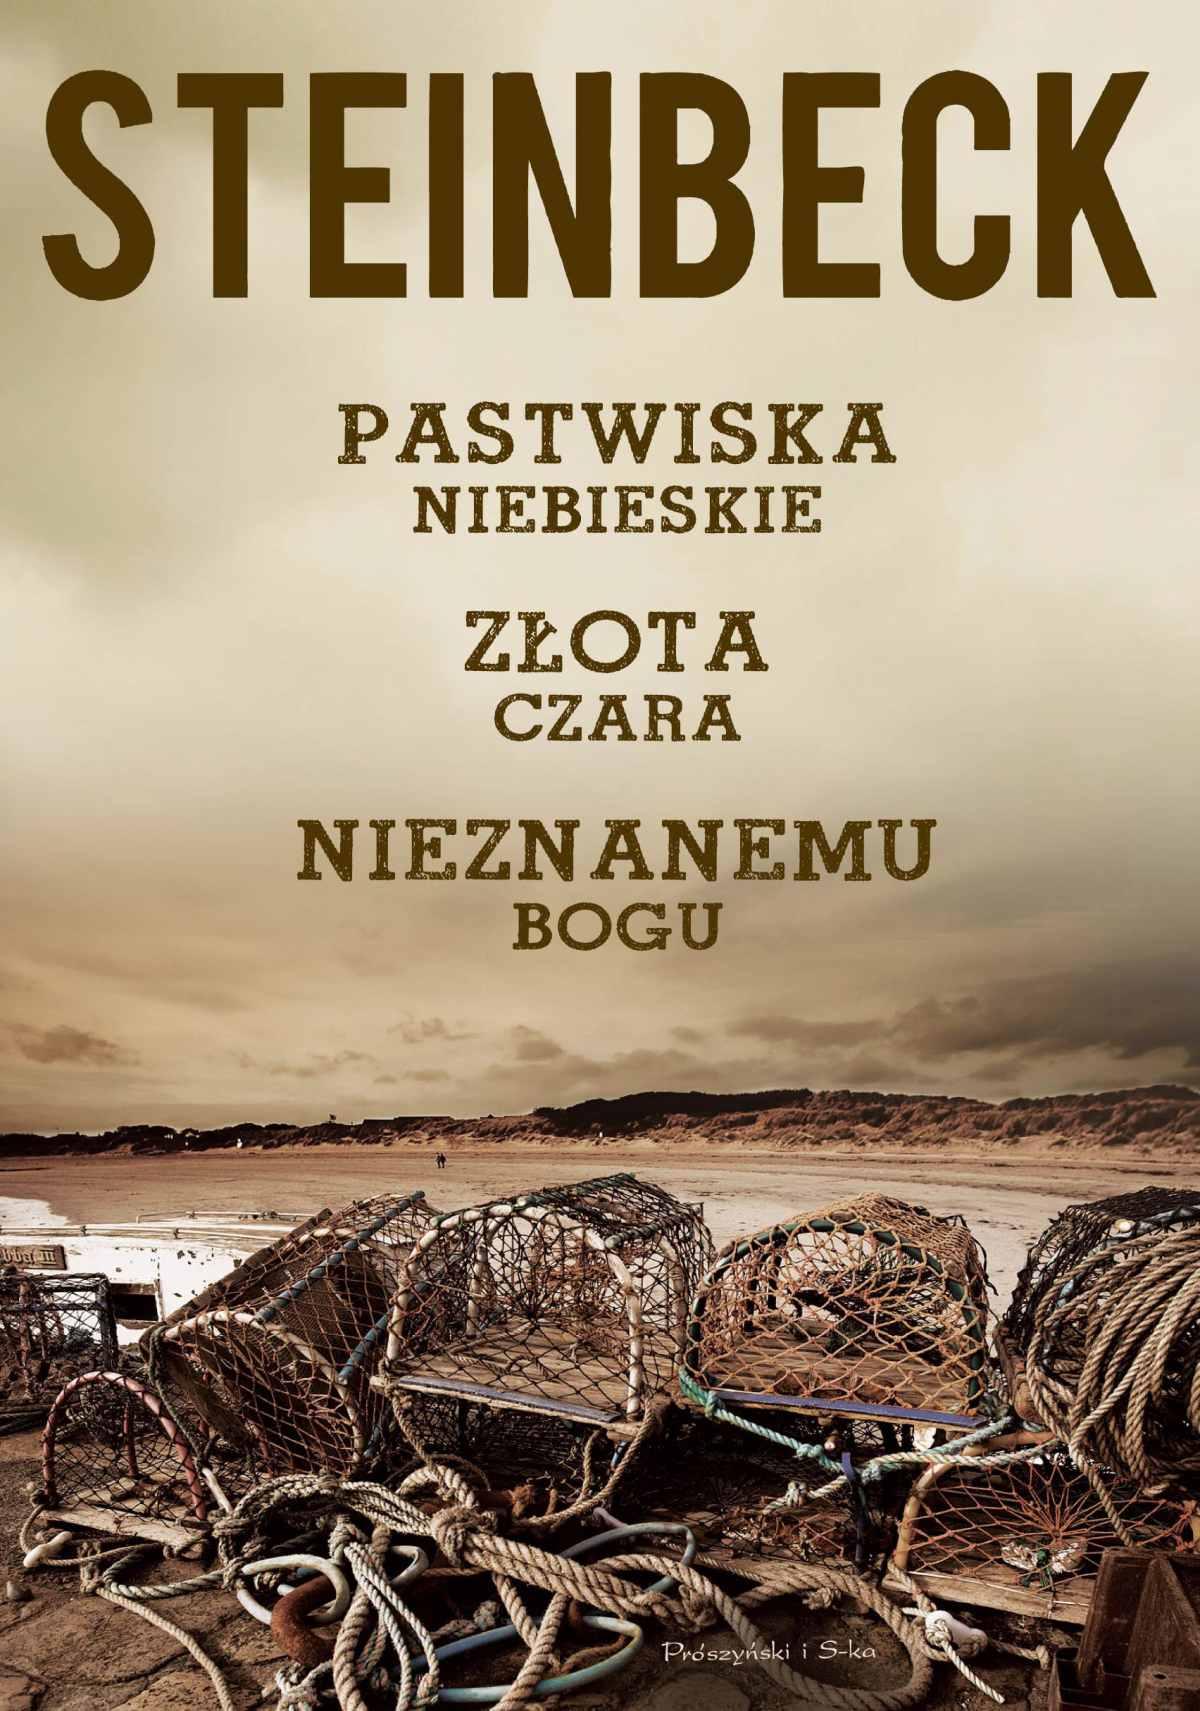 Pastwiska Niebieskie, Złota Czara, Nieznanemu bogu - Ebook (Książka na Kindle) do pobrania w formacie MOBI